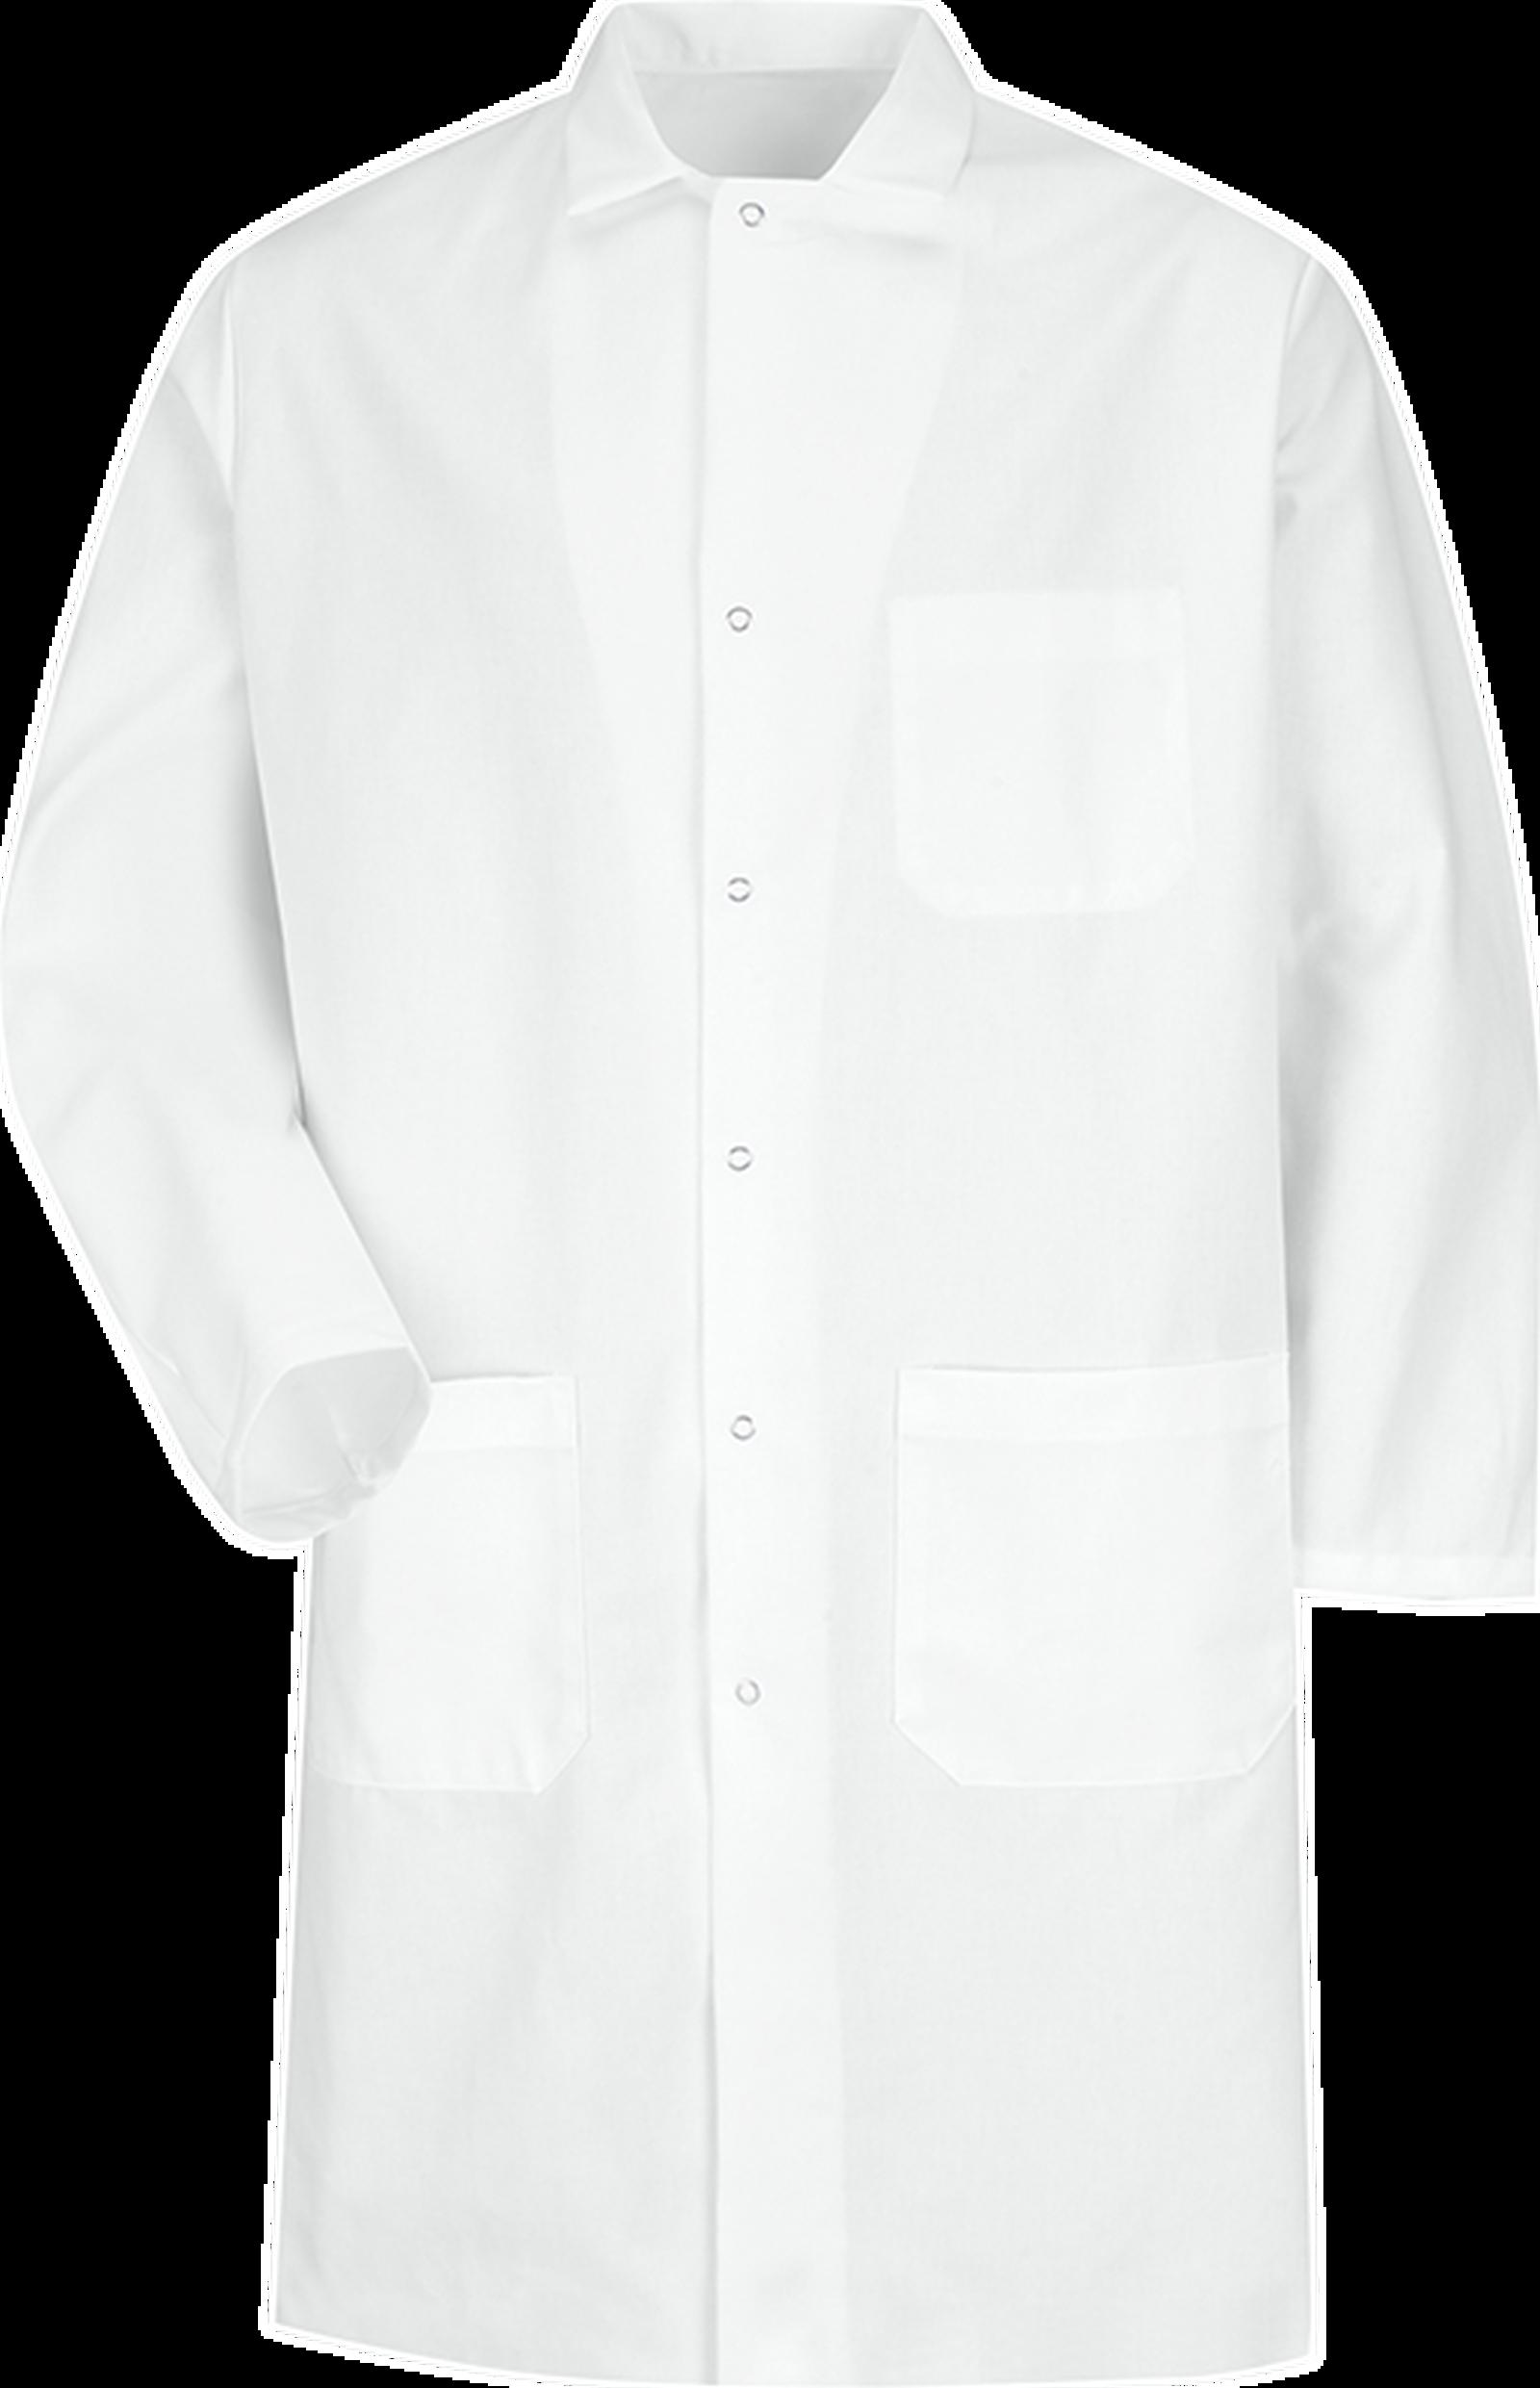 Gripper-Front Butcher Coat